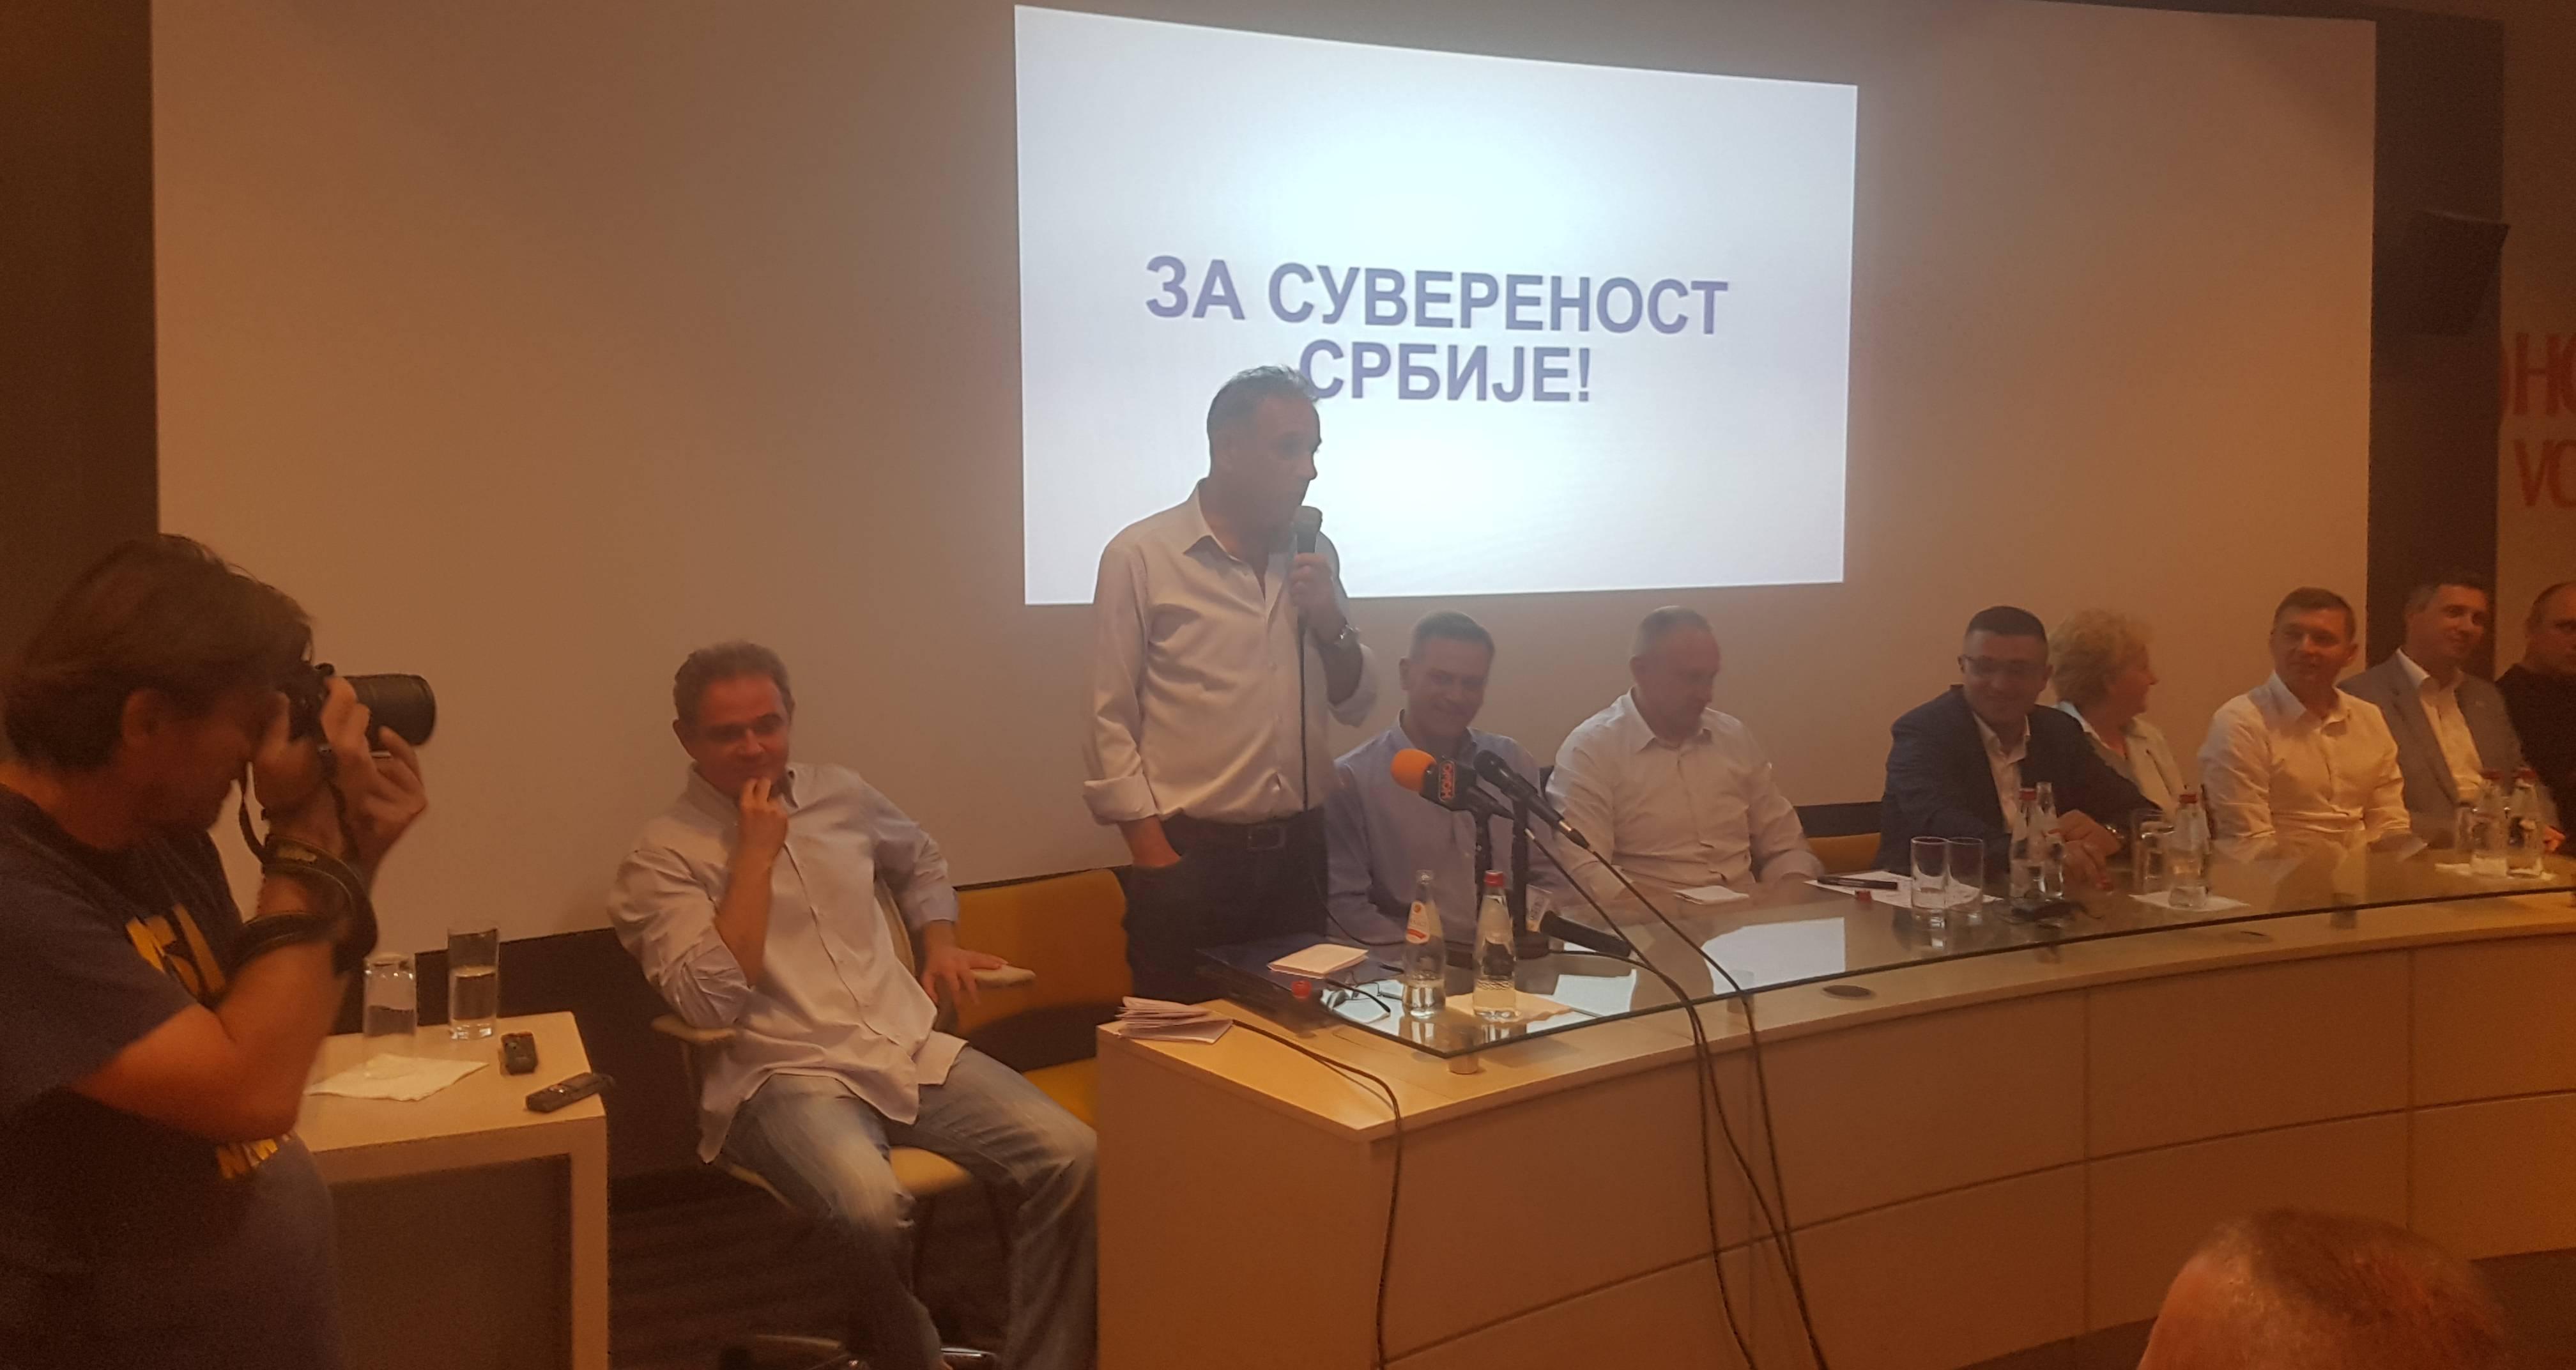 Савез за Србију: Спречити распродају највредније имовине у бесцење и спречити решавање Косова давањем нашег за наше